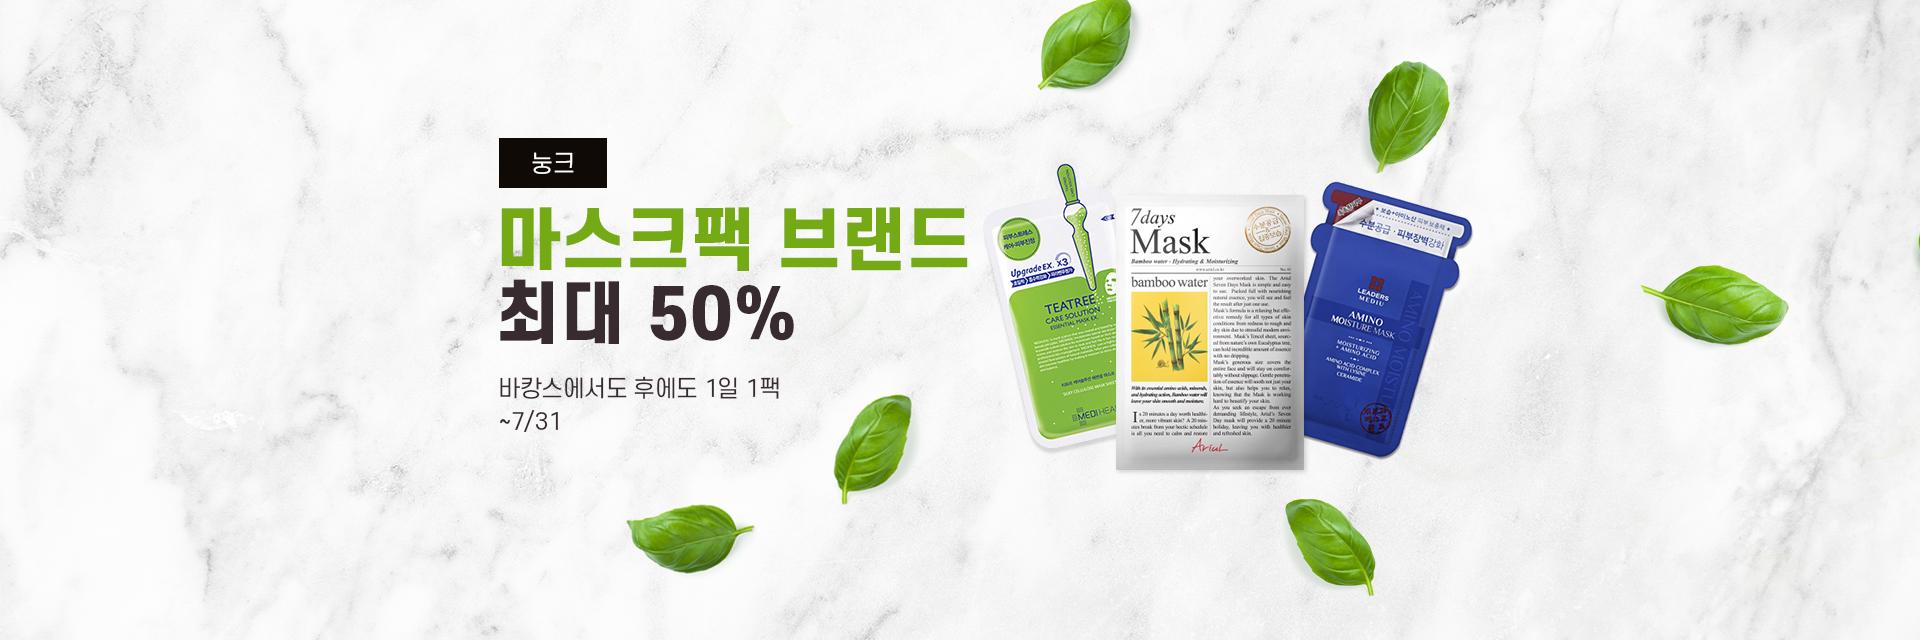 마스크팩 브랜드 최대 50%